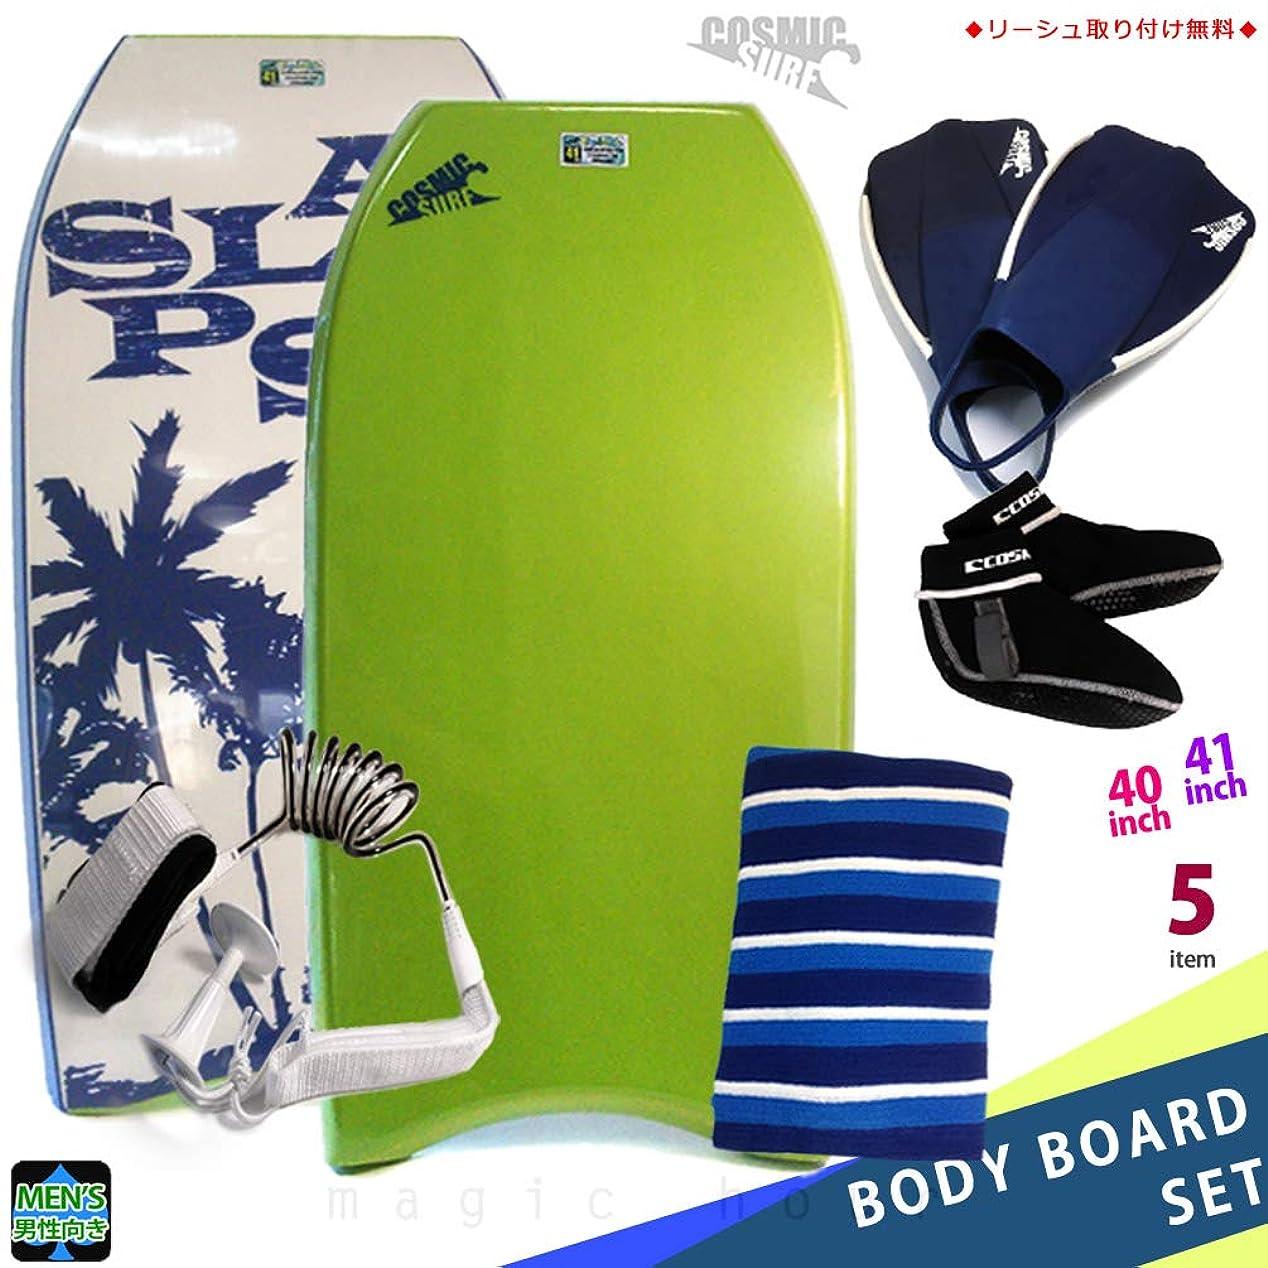 イタリアの先のことを考えるはっきりしない∴【 メンズ ボディボード 5点 セット】【40インチ / 41インチ】 COSMIC SURF(コスミックサーフ)【ボディーボード / ニットケース / リーシュコード / フィン / フィンソックス】 男性用 ライム SPLASH-MSET5-LIM